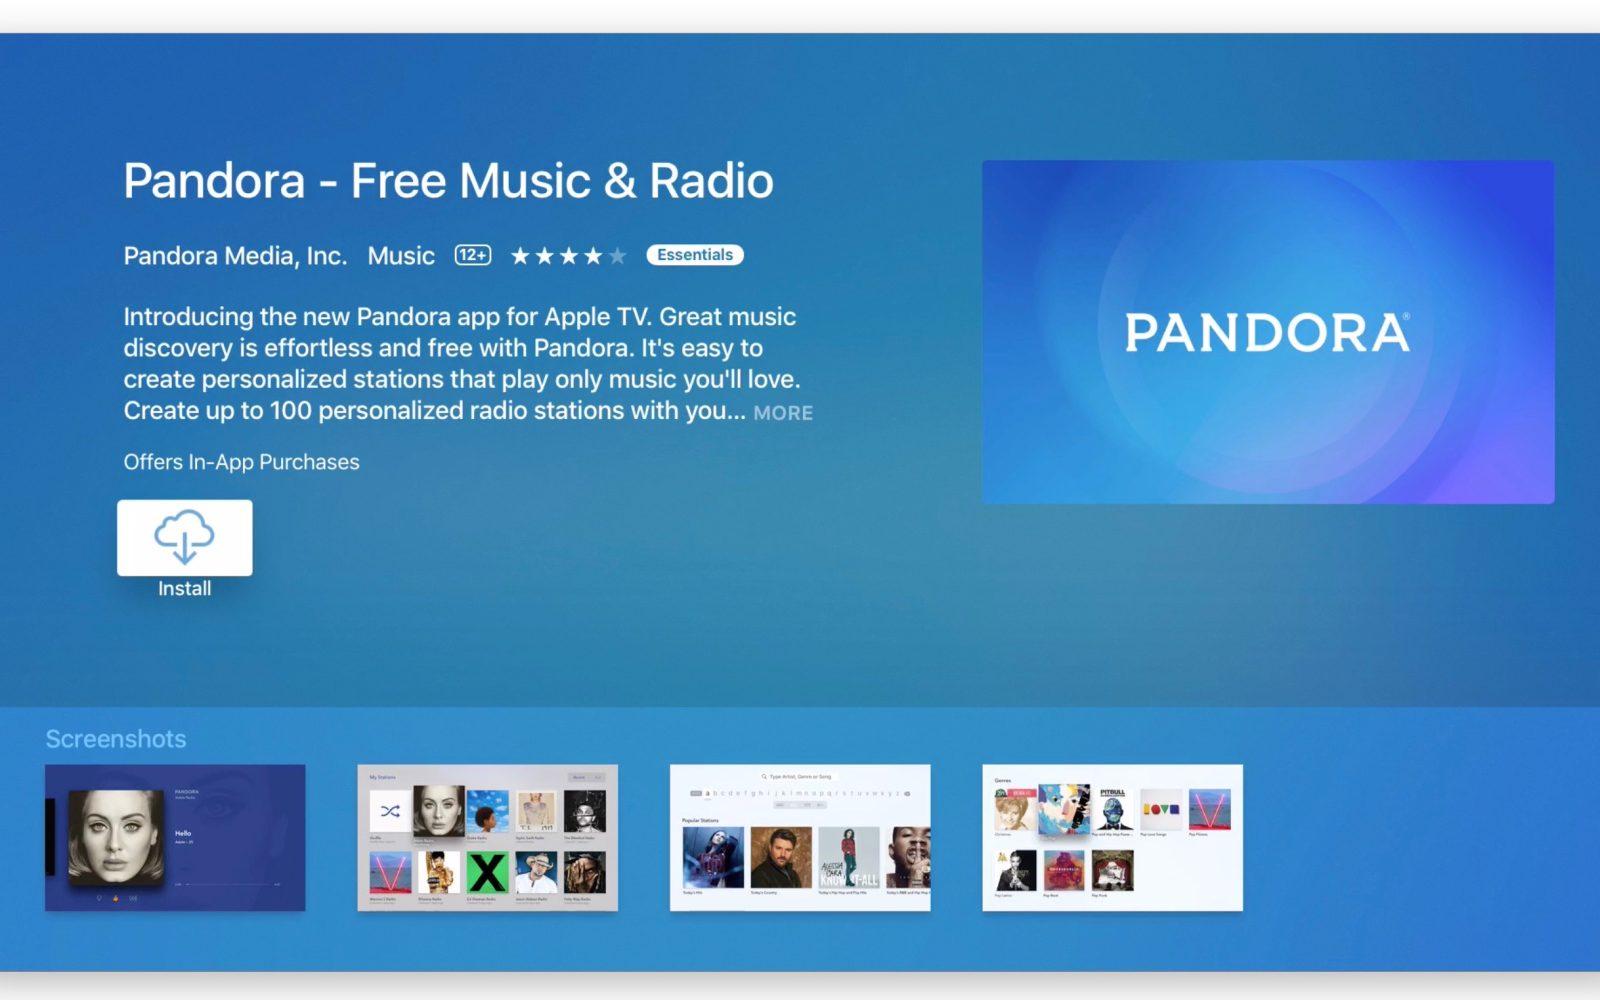 pandora free music login